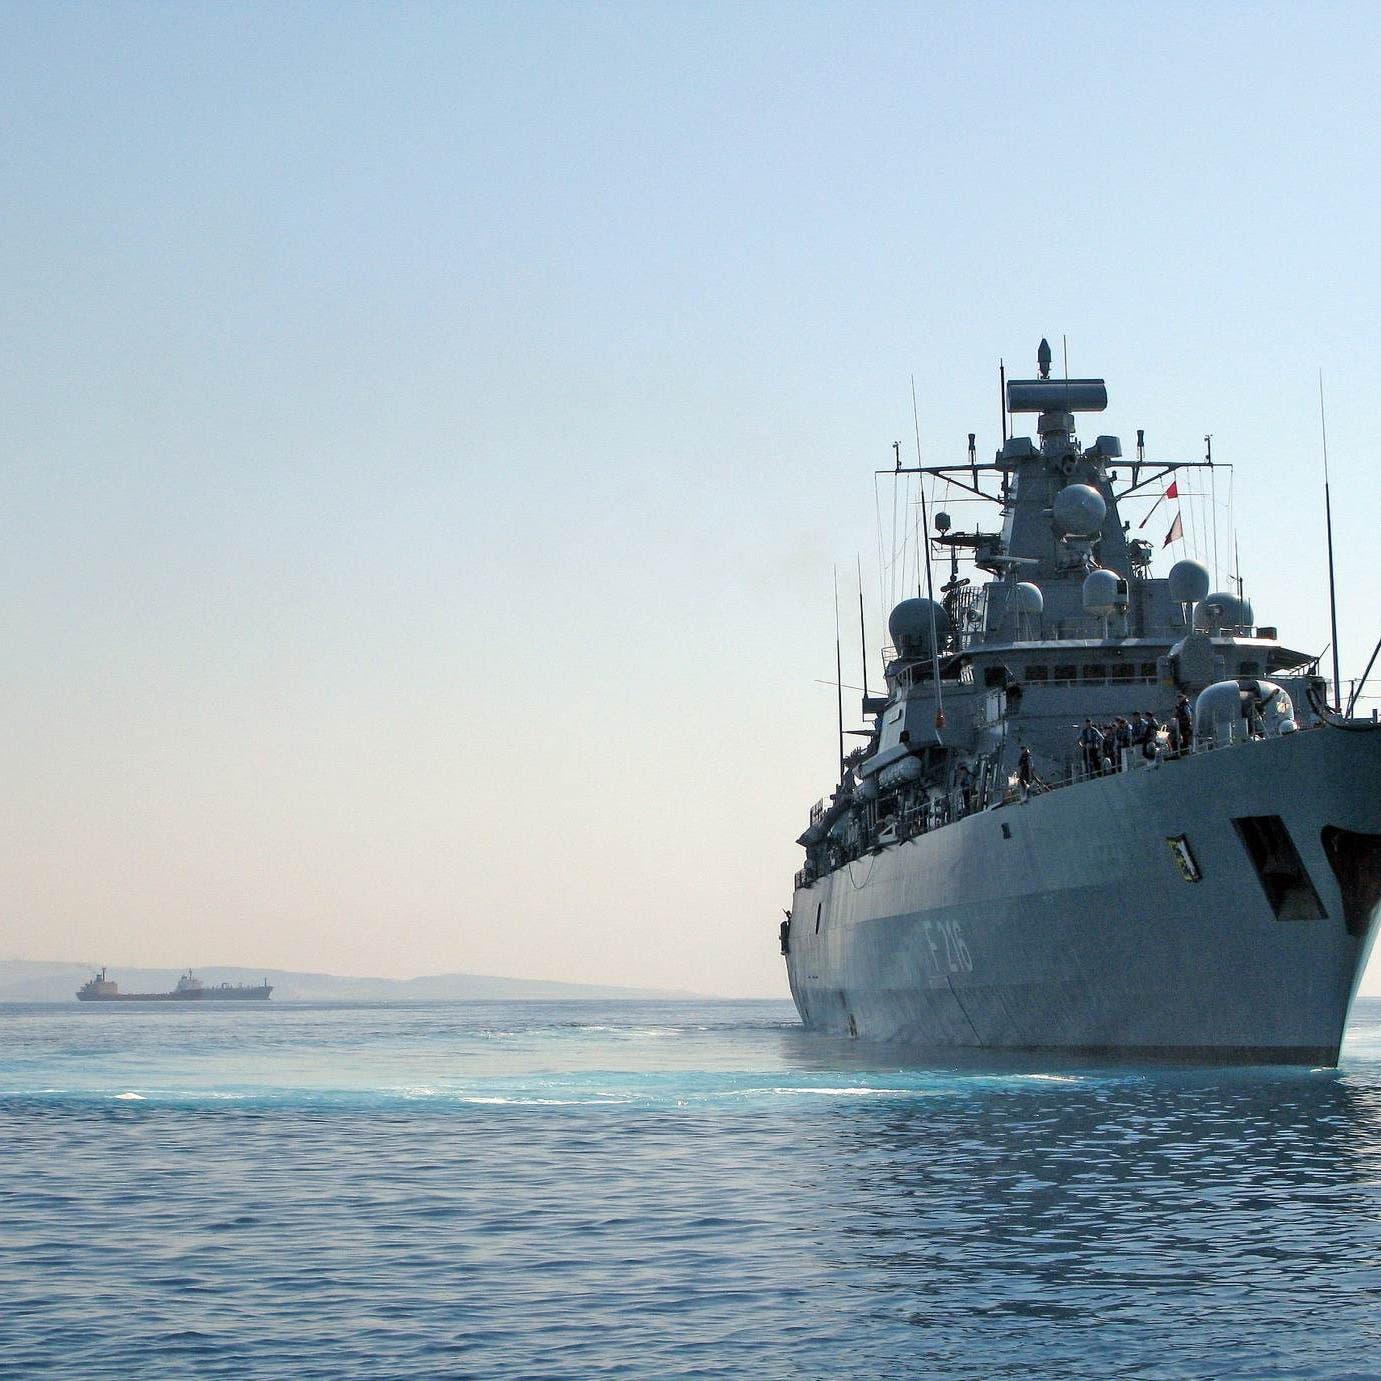 قائد إيريني: مستعدون لمراقبة وقف إطلاق النار في ليبيا